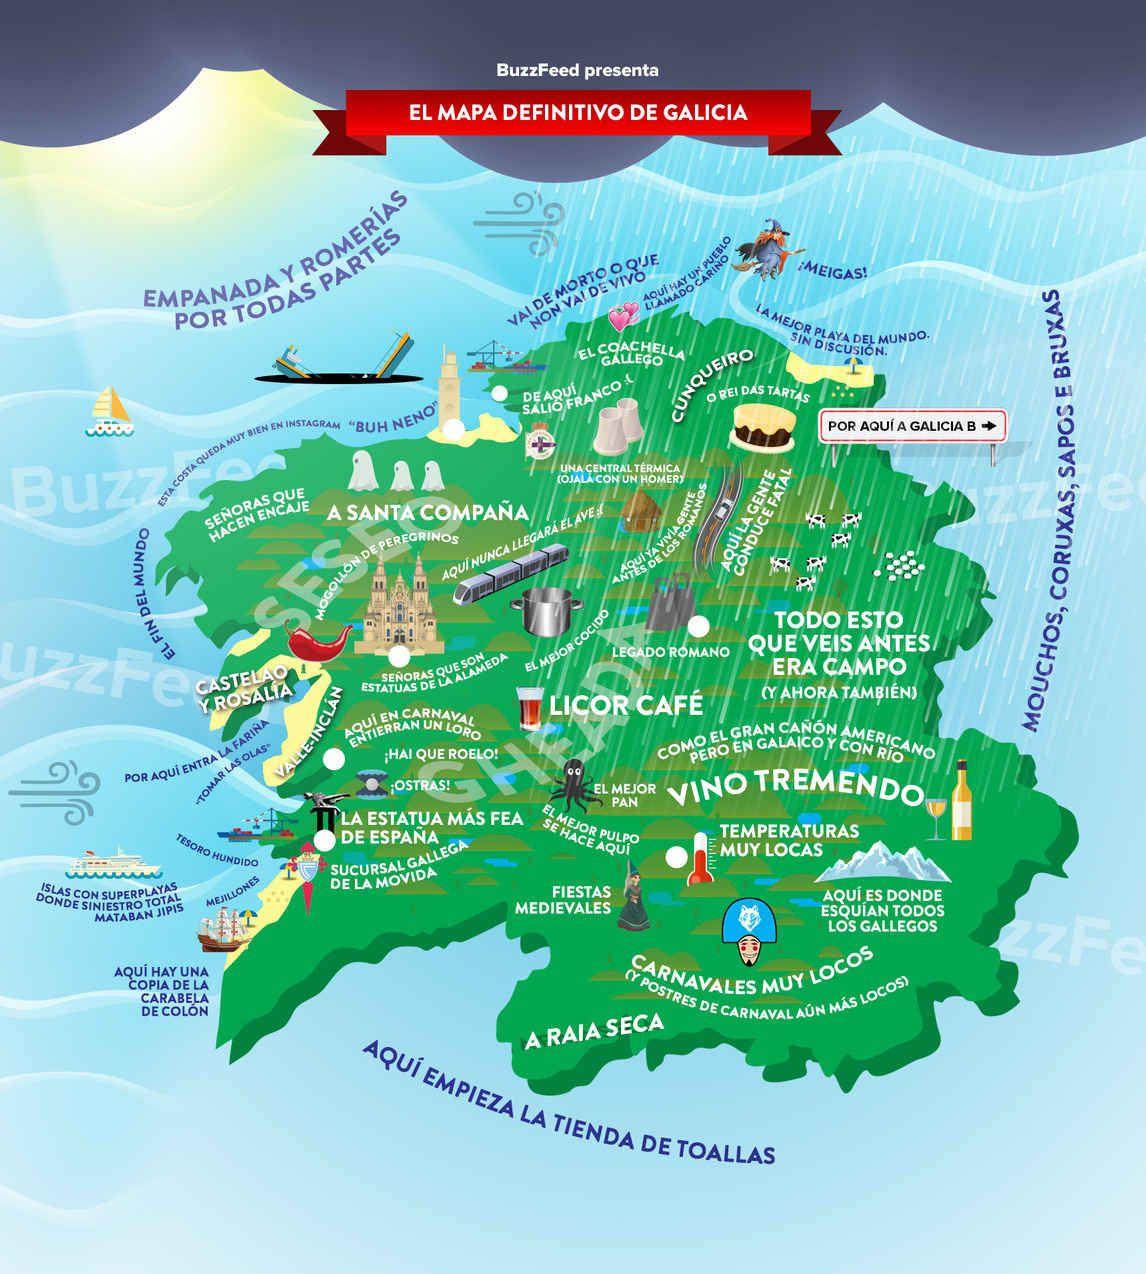 A Coruña Mapa Turistico.El Unico Y Definitivo Mapa Que Necesitaras Para Entender